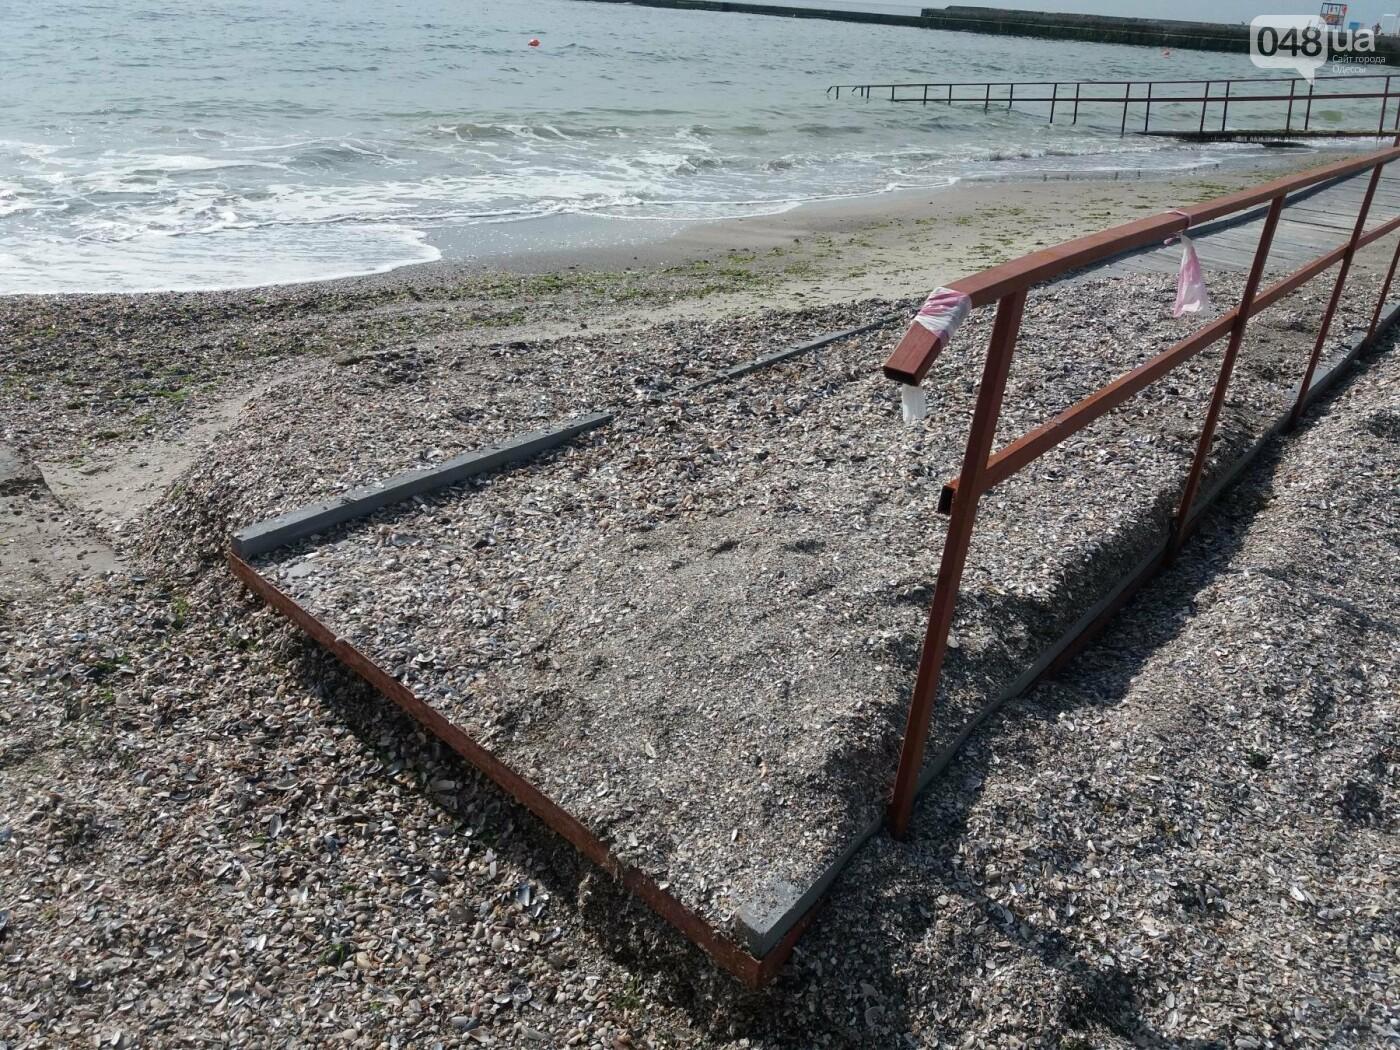 Потрясающий цинизм: как одесские чиновники благоустроили пляж для людей с инвалидностью, - ФОТО , фото-14